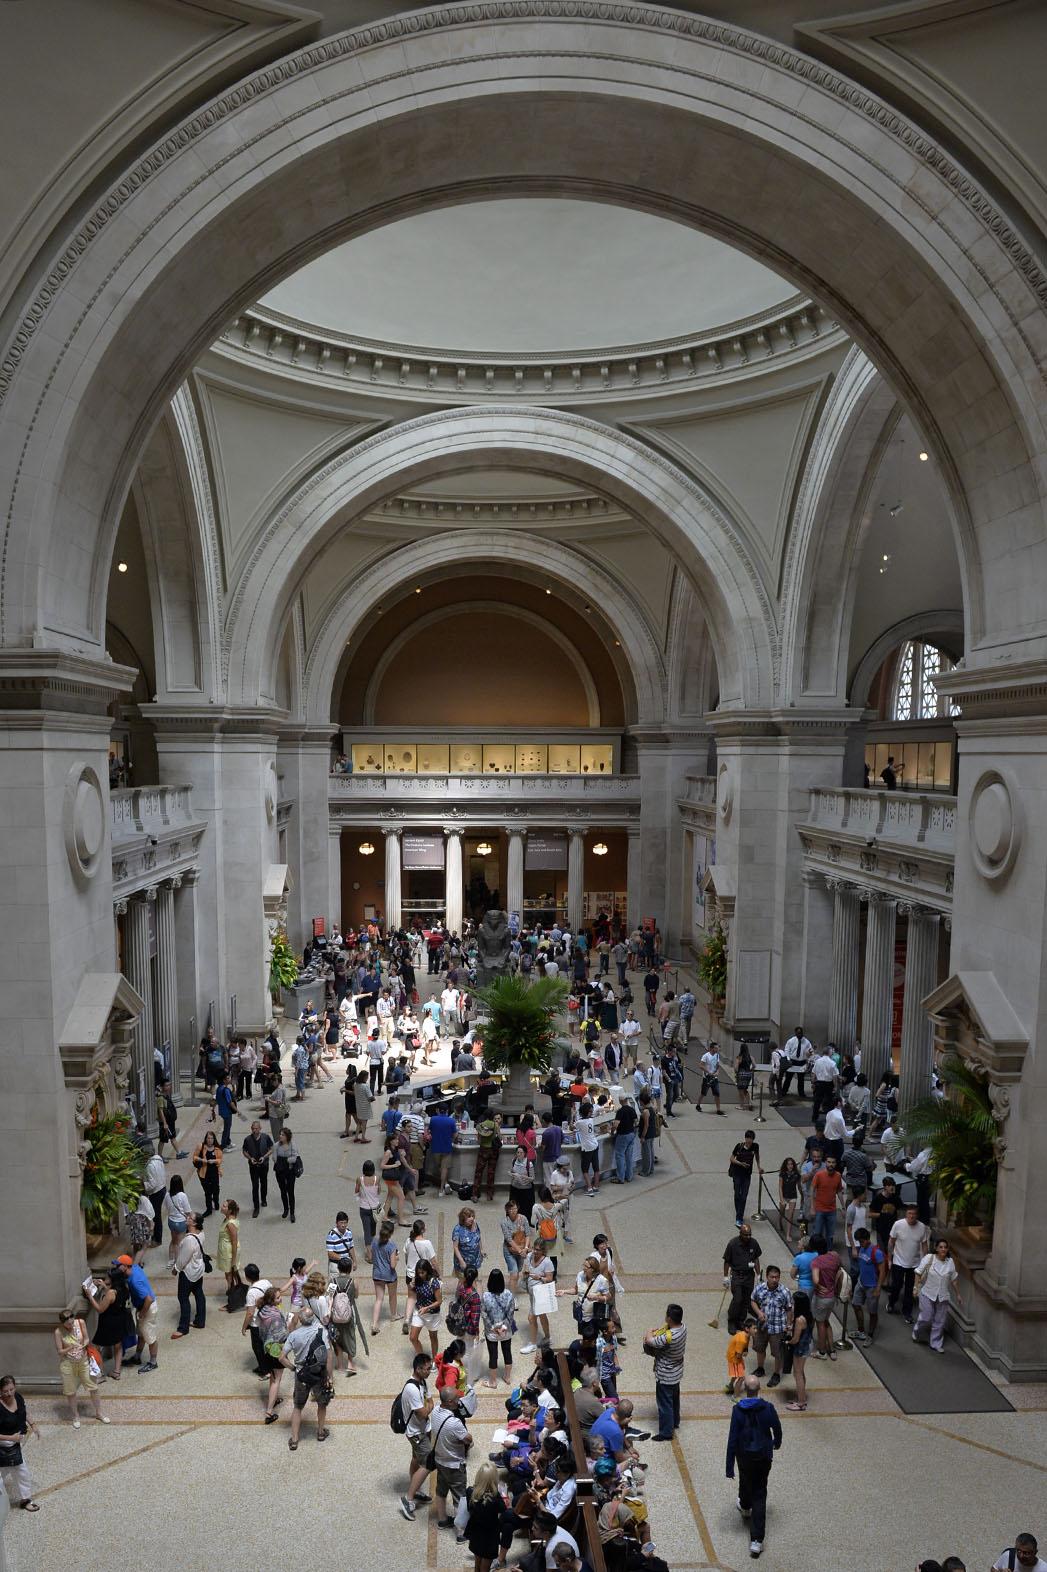 The Metropolitan Museum of Art - P 2015